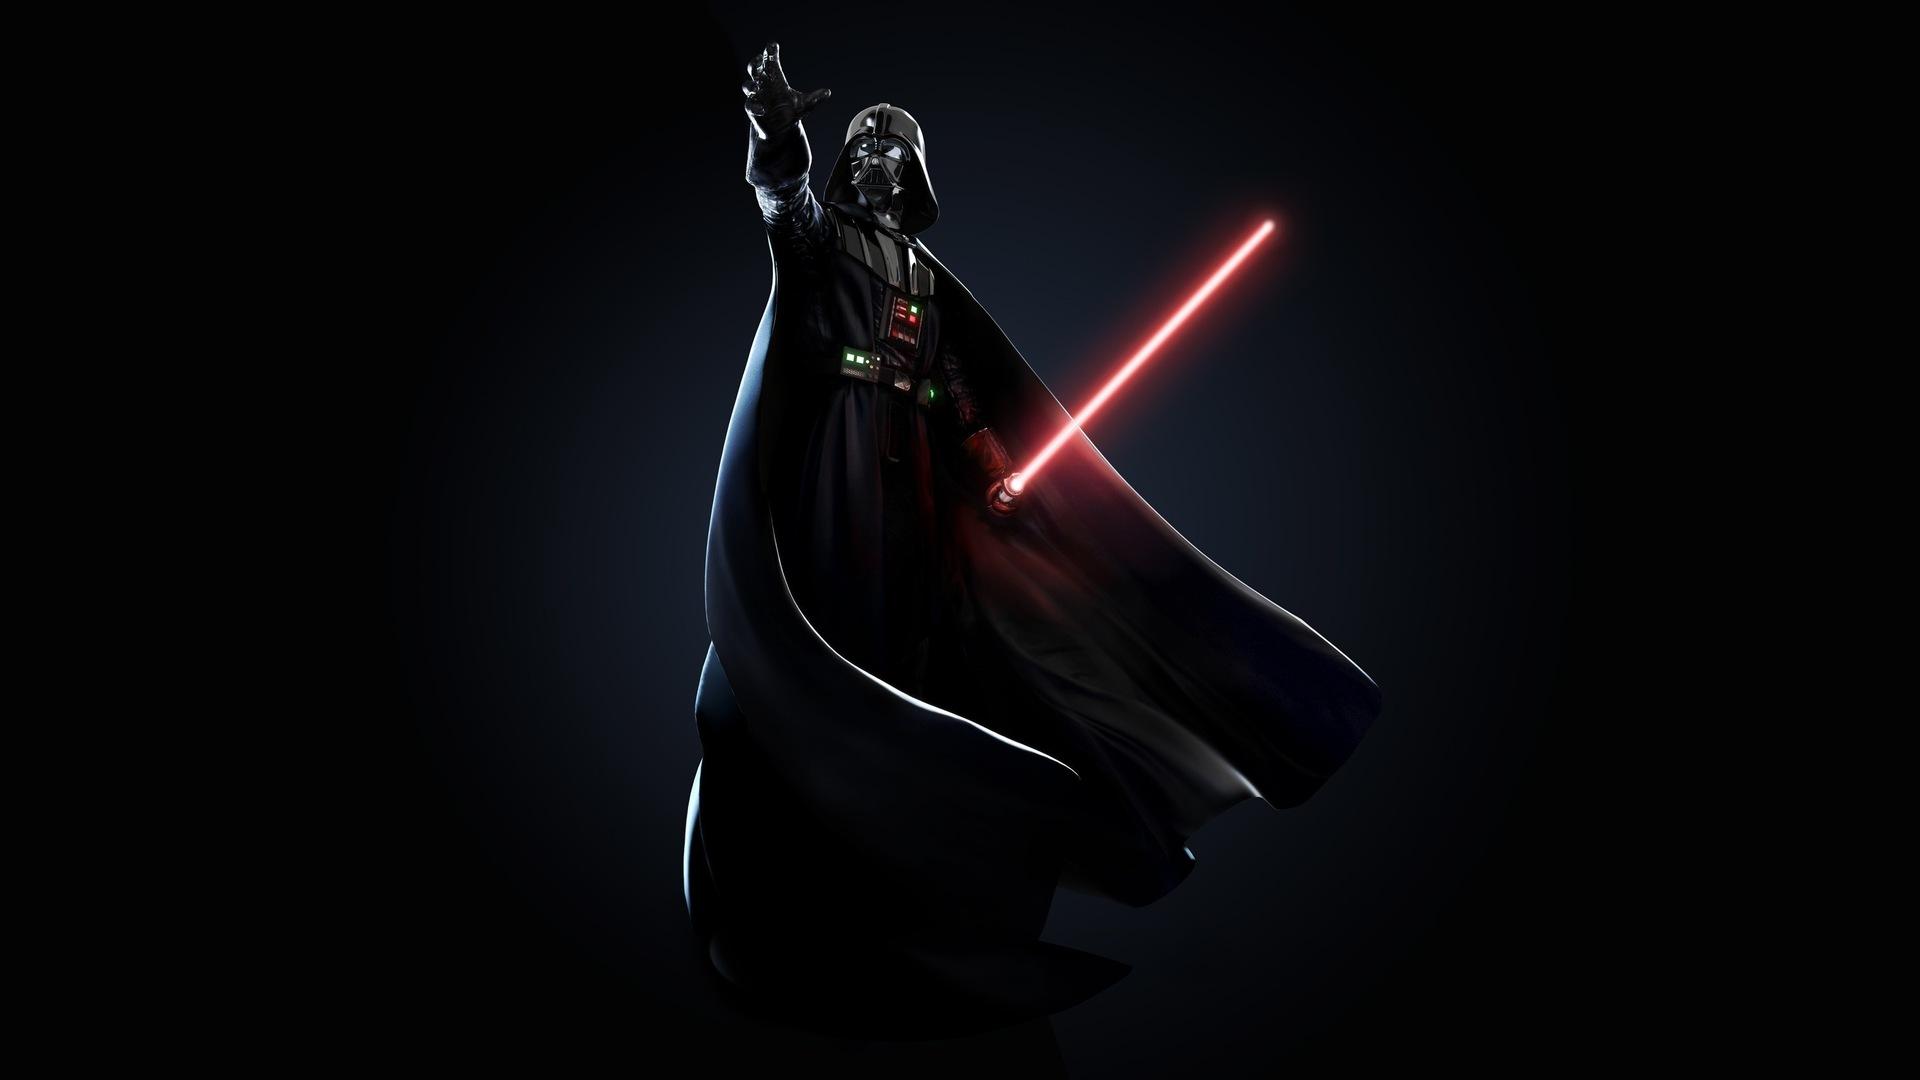 Immagine Star Wars Hd Sfondi Hd Gratis